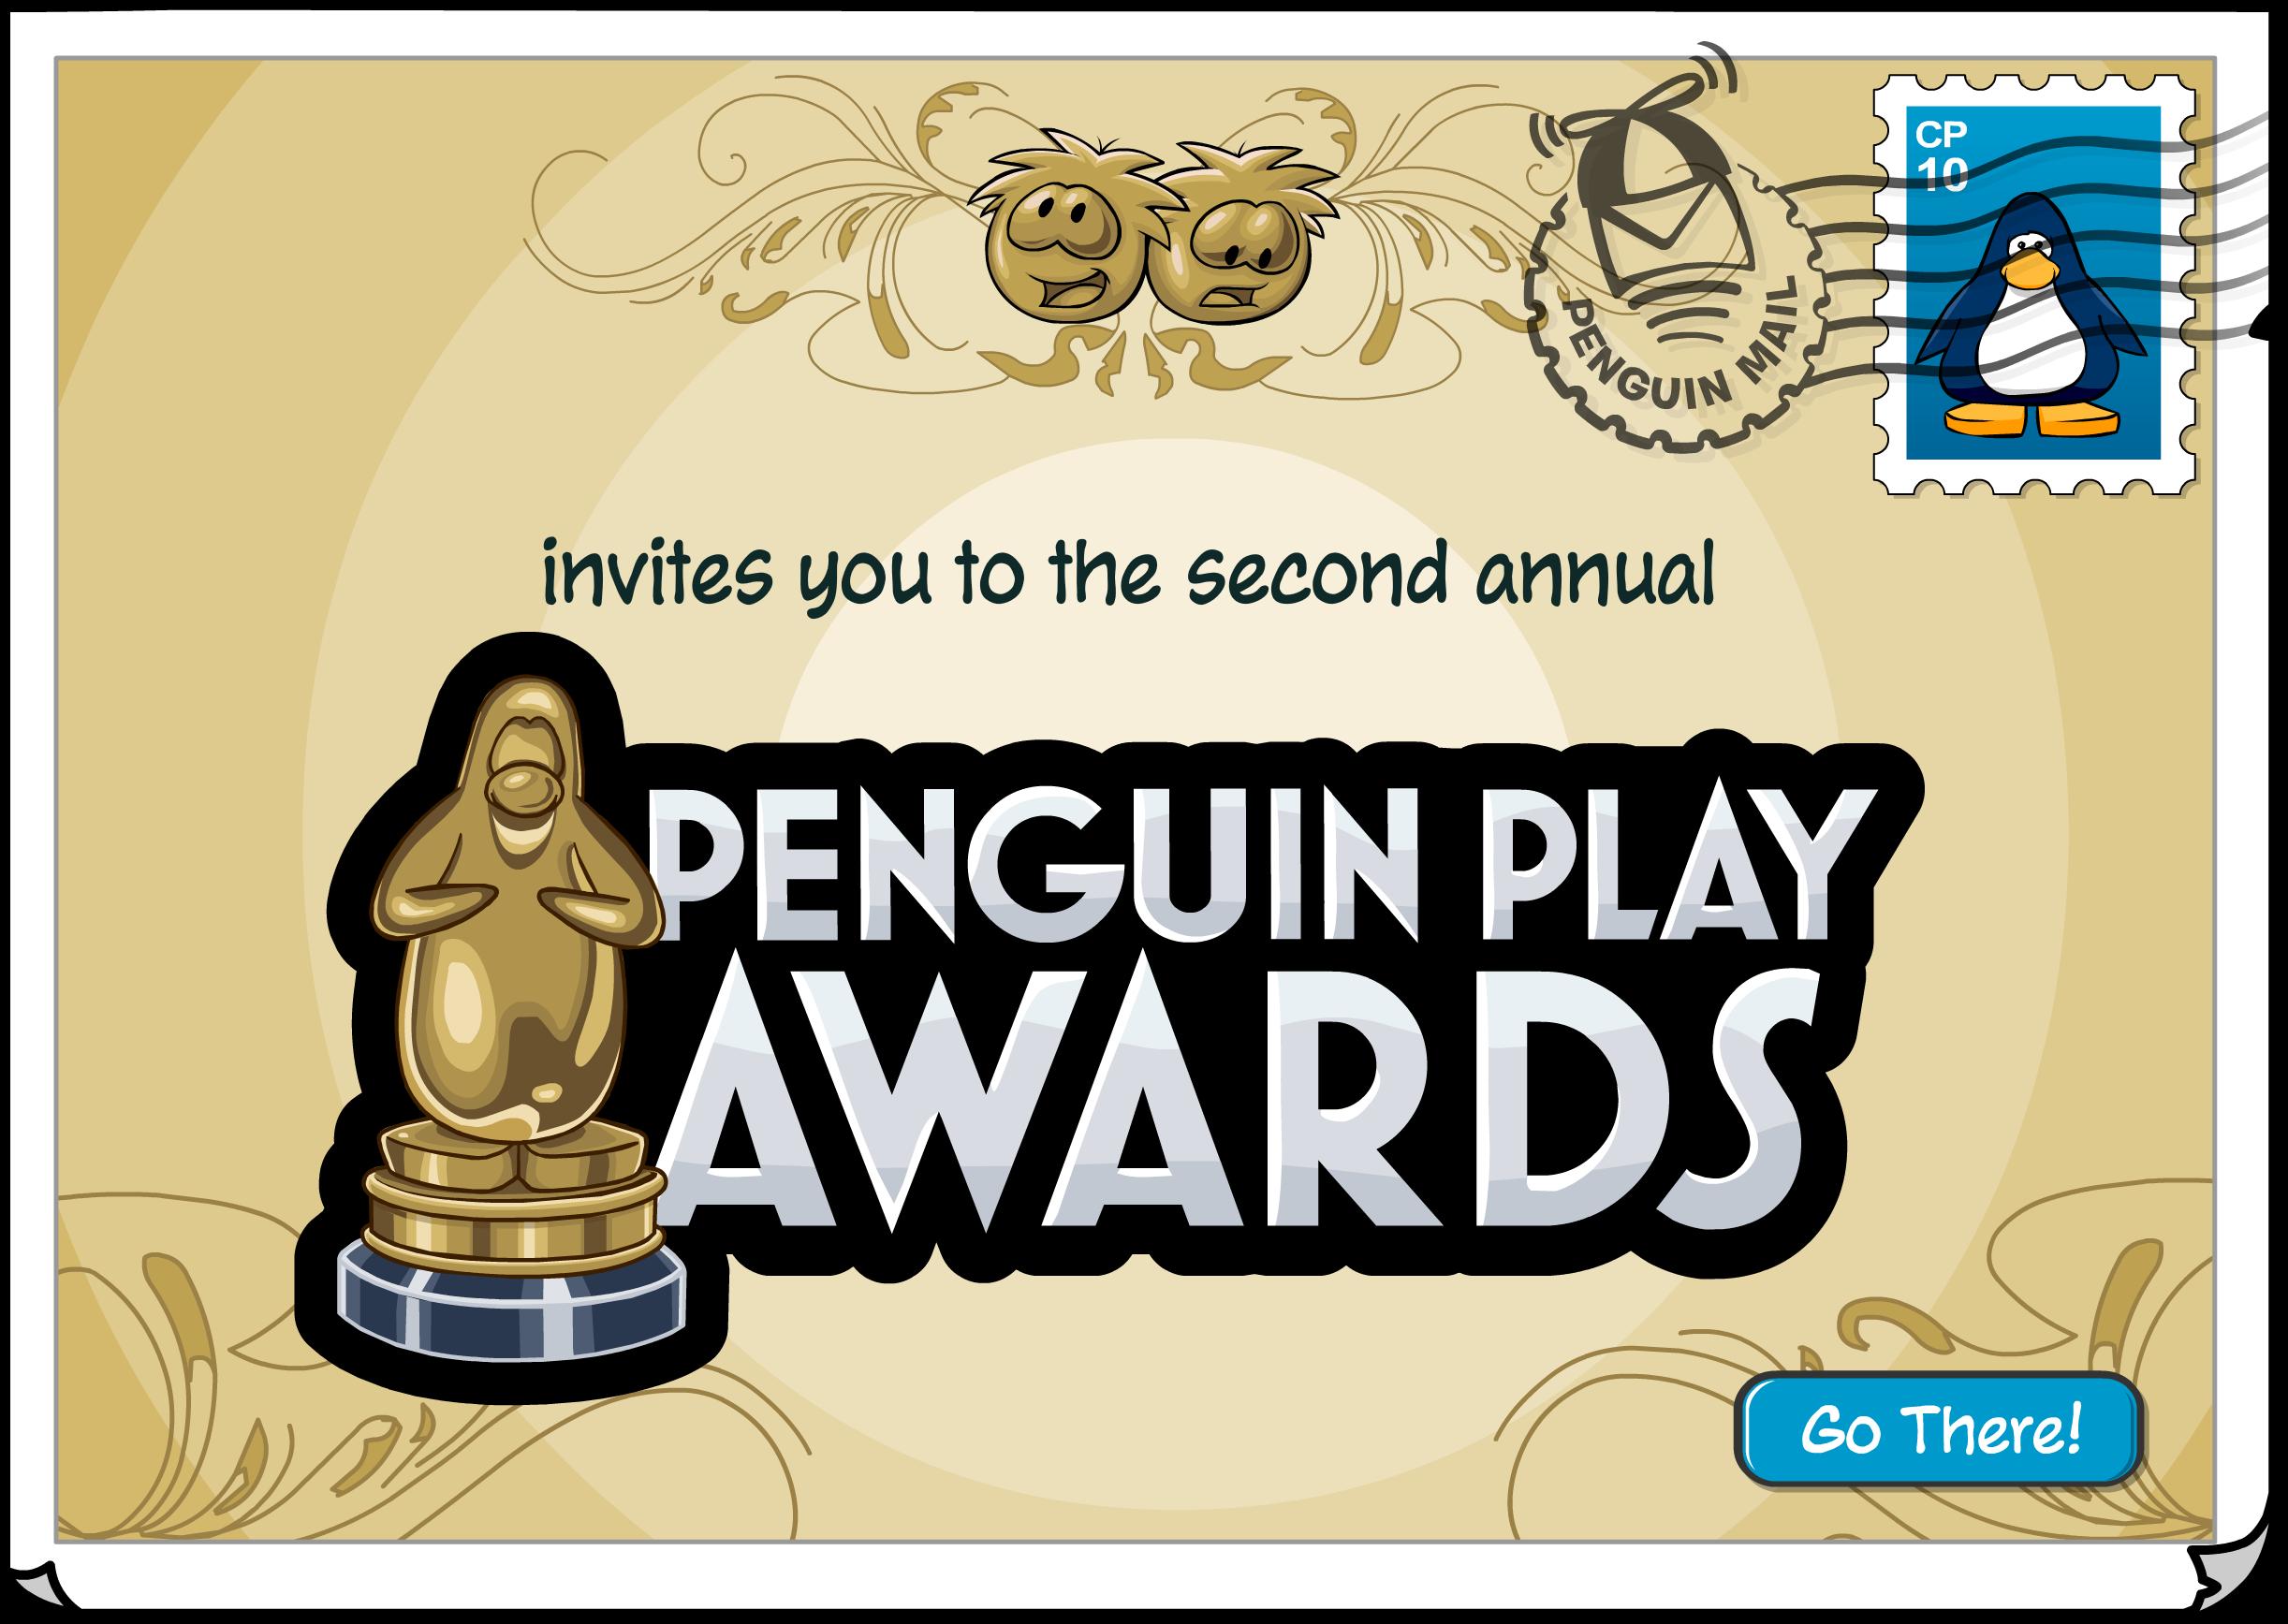 Penguin Play Awards Postcard